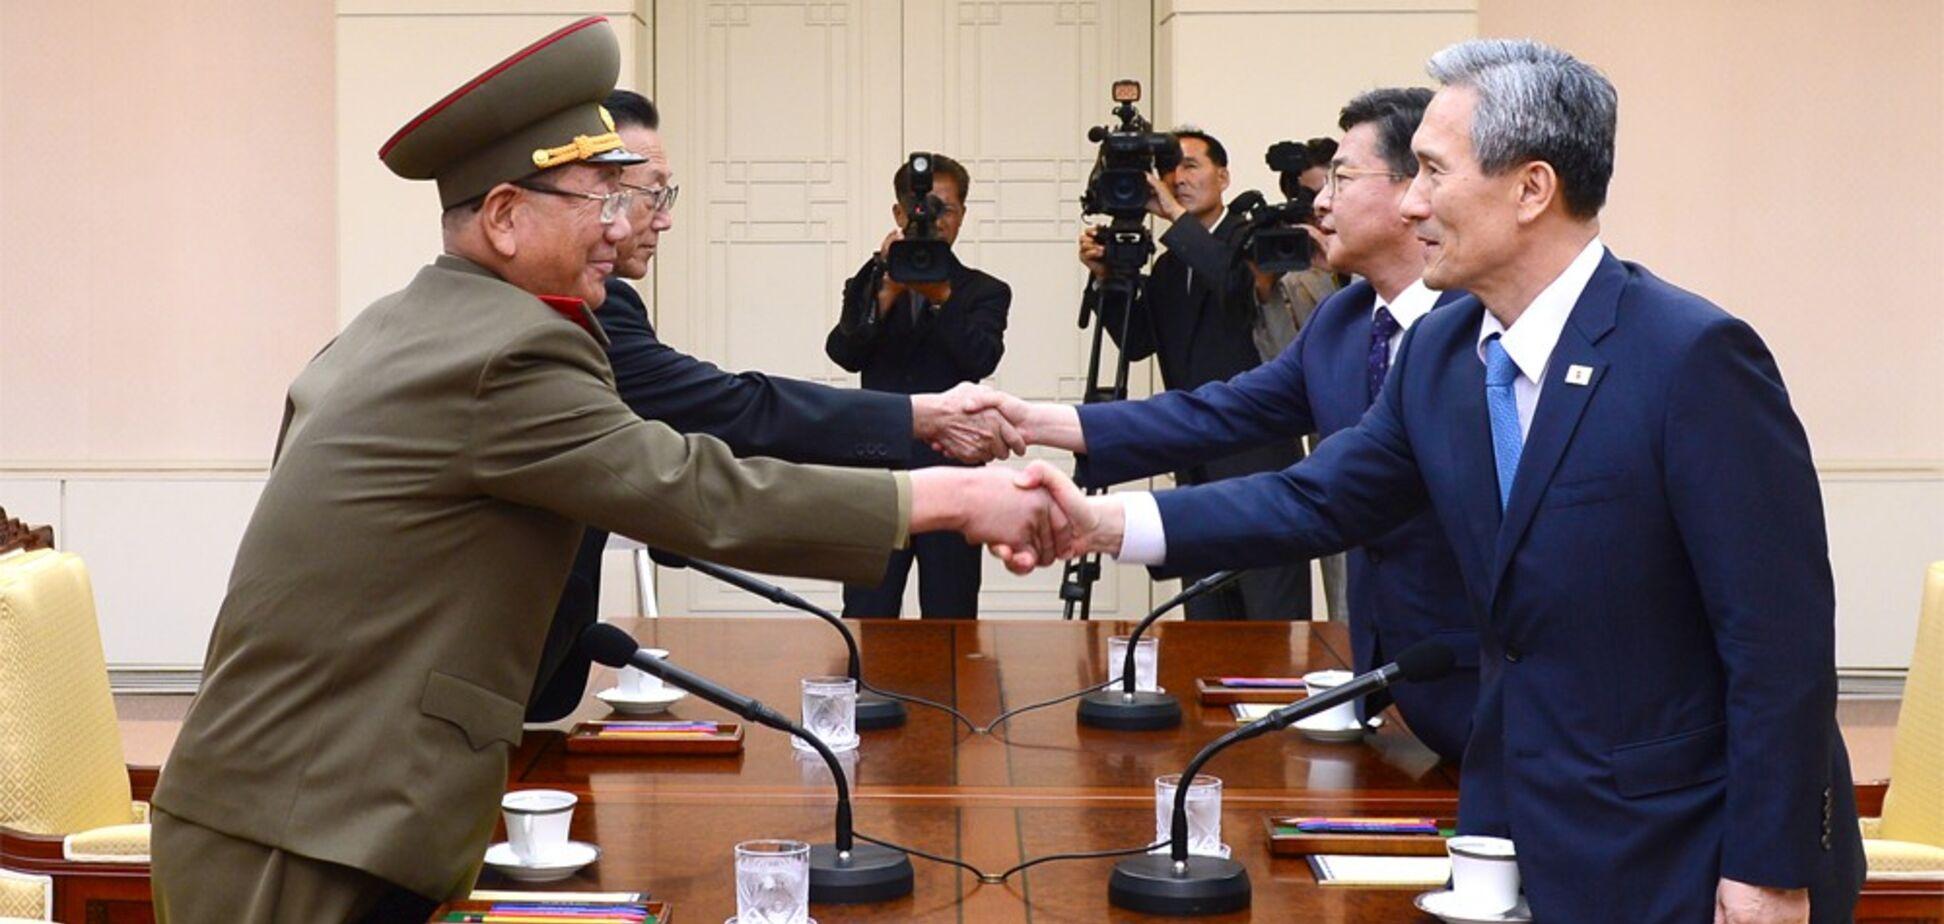 Олімпіада-2018: Південна Корея та КНДР дійшли історичної угоди